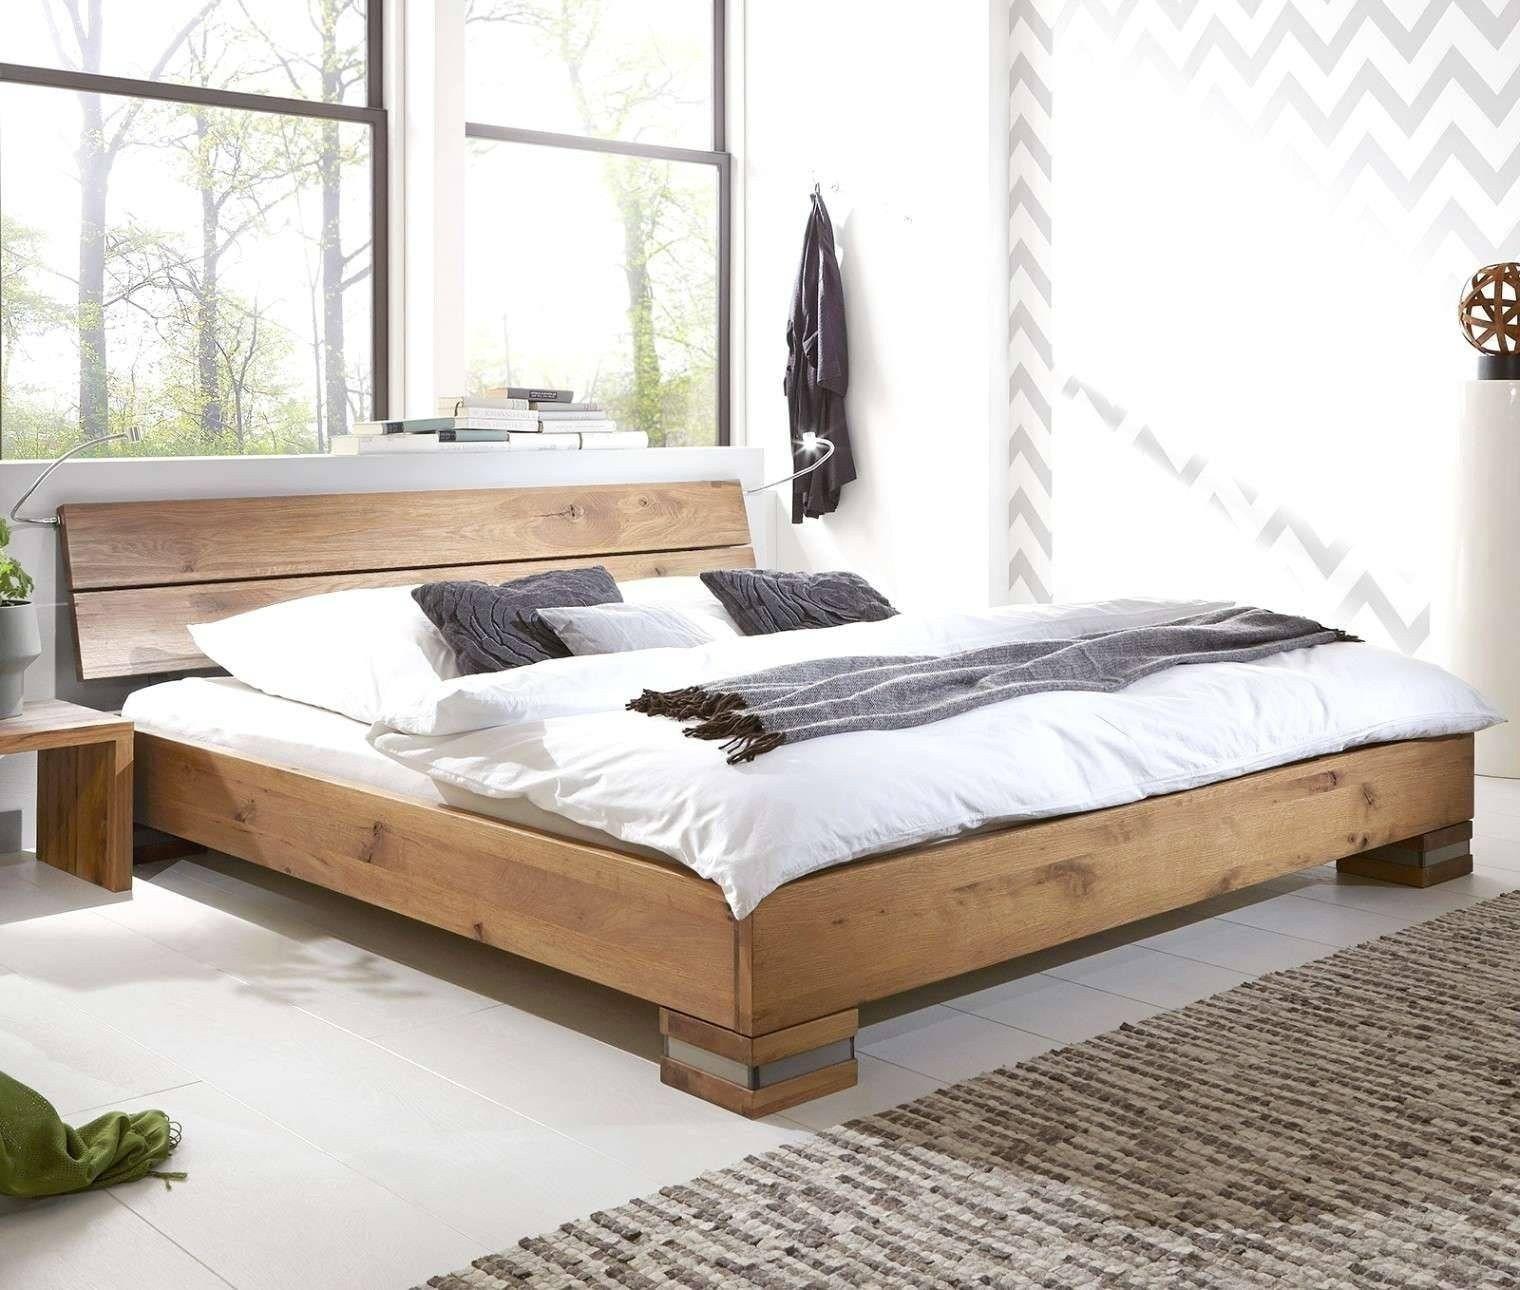 Elegant Matelas 180x200 Ikea Futon Bedroom Cheap Bed Frame Diy Bed Frame Plans